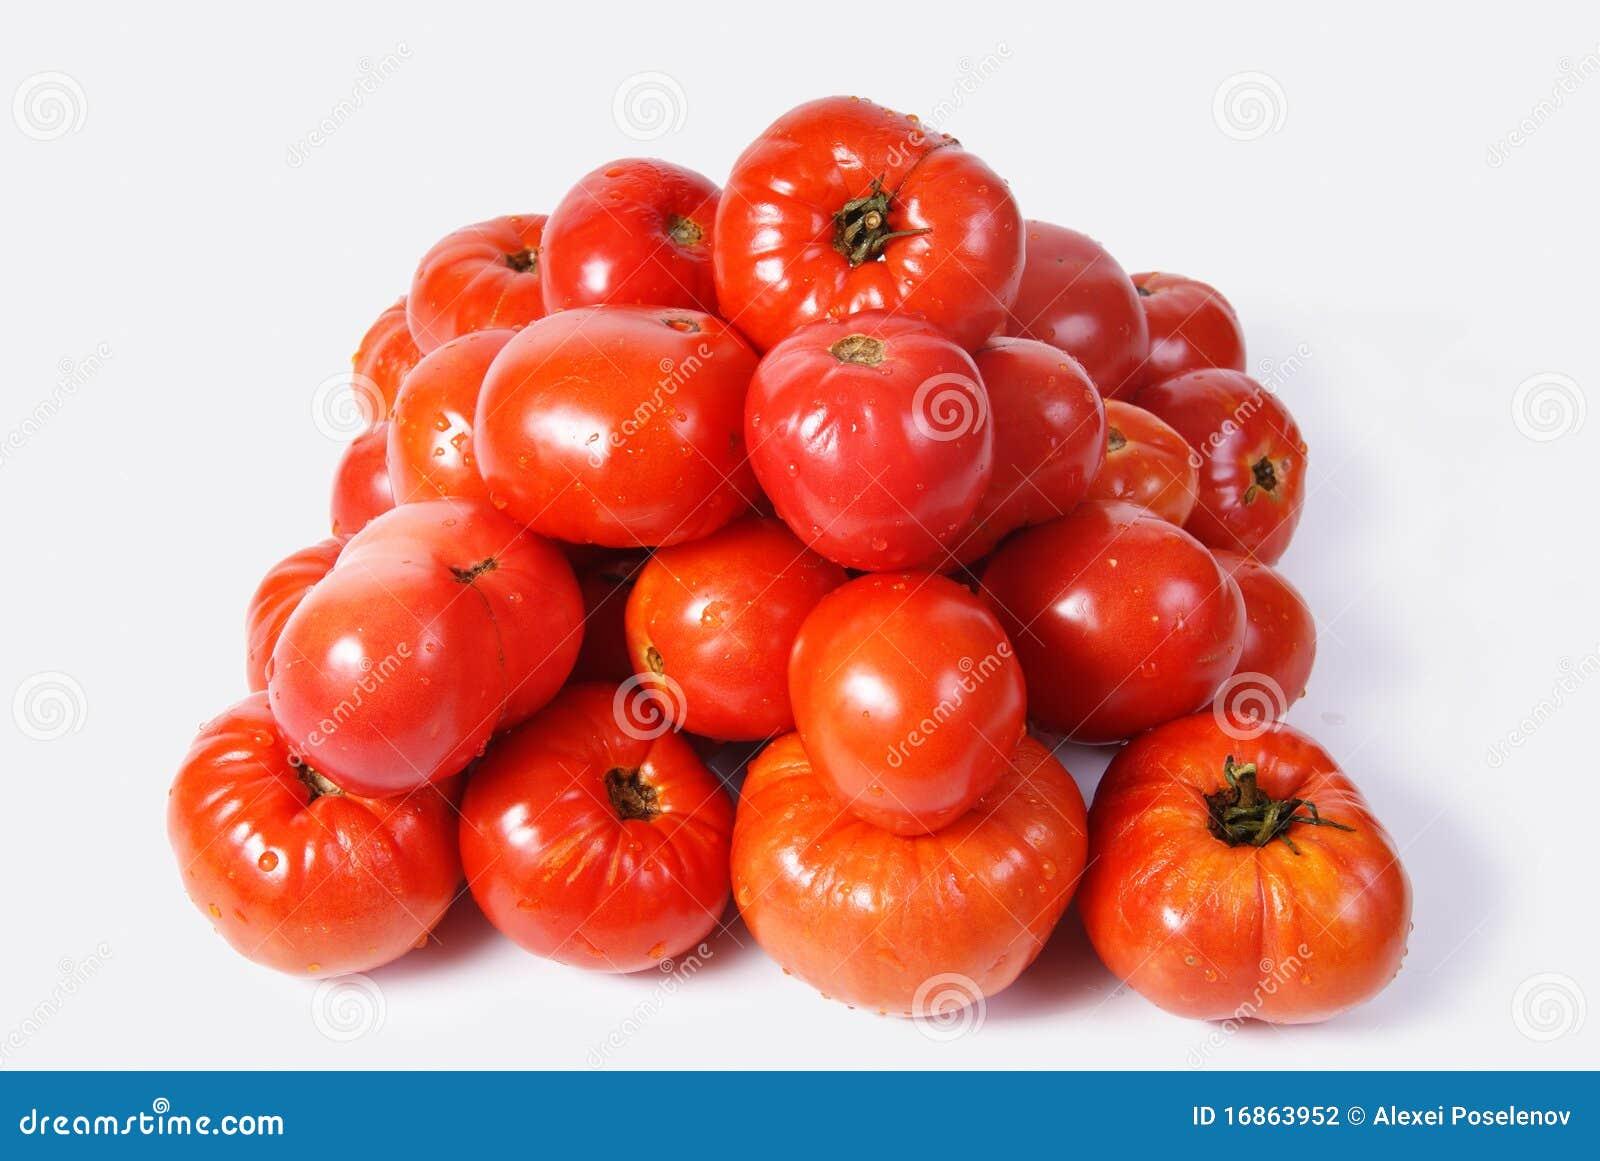 Tomates vermelhos colocados por uma pirâmide